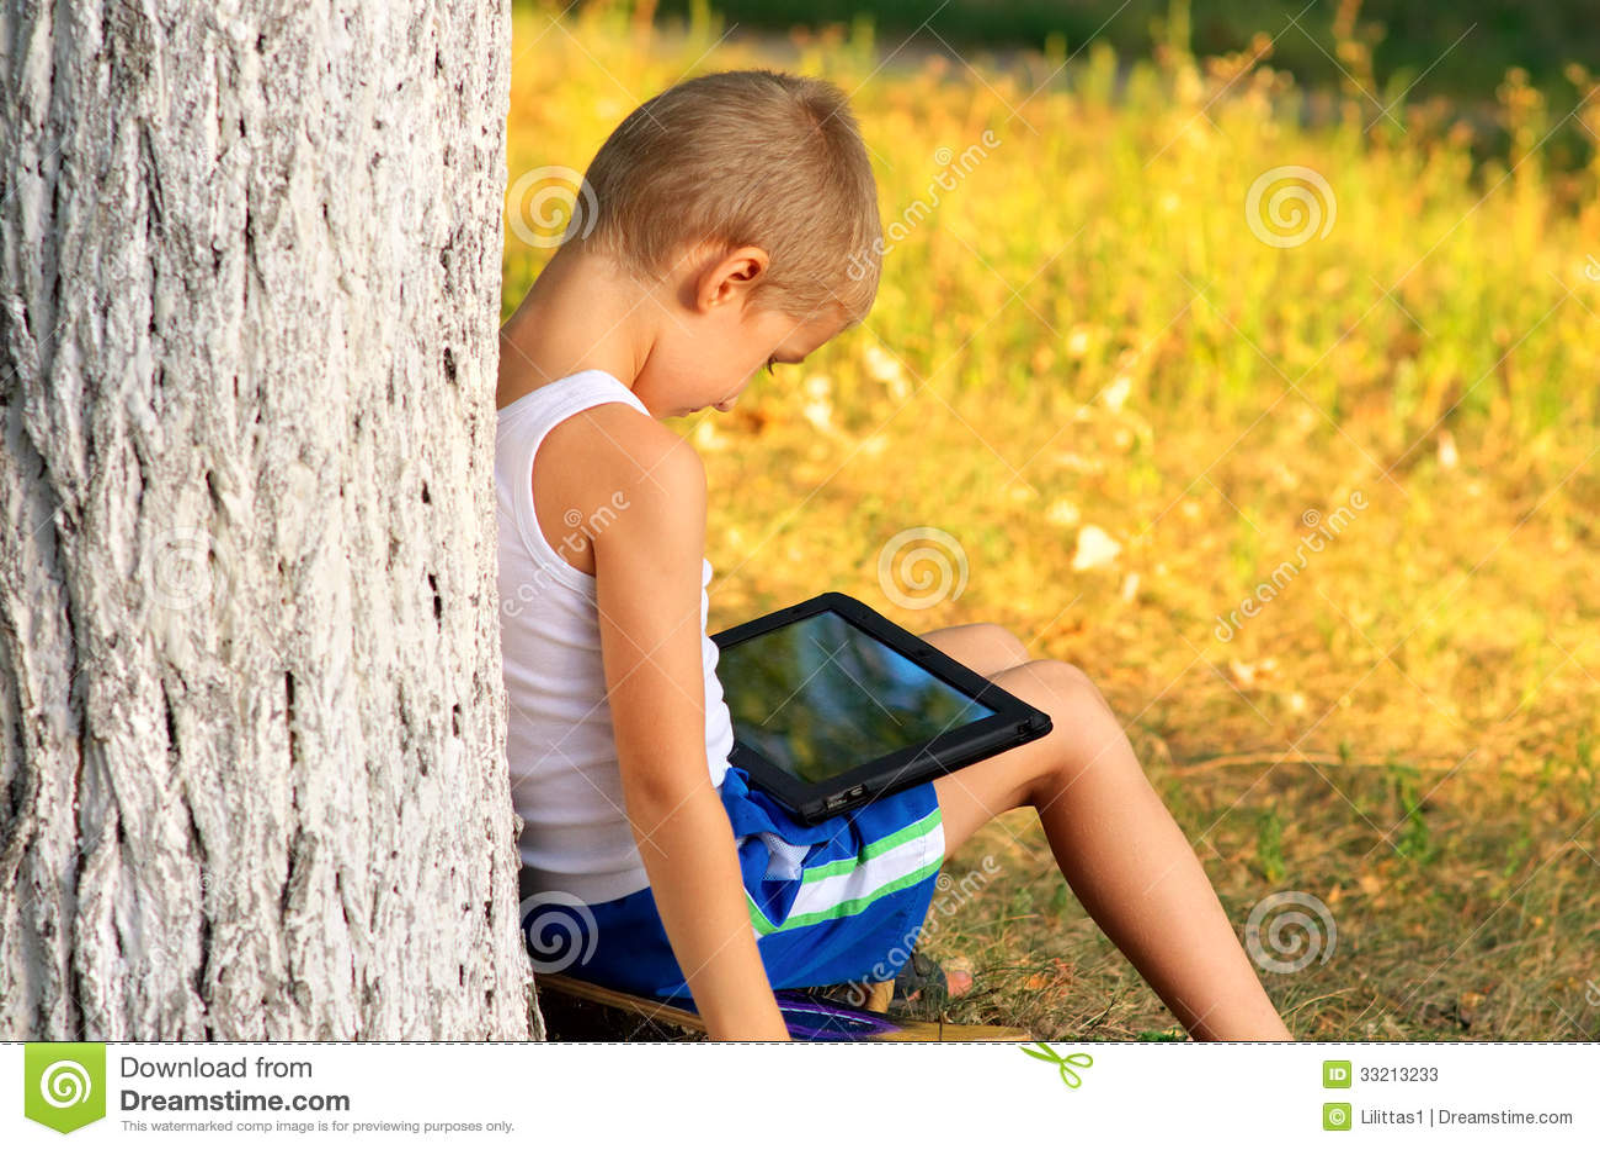 дети нудисты смотреть фото НГСПоиск : Нашлось 35 млн